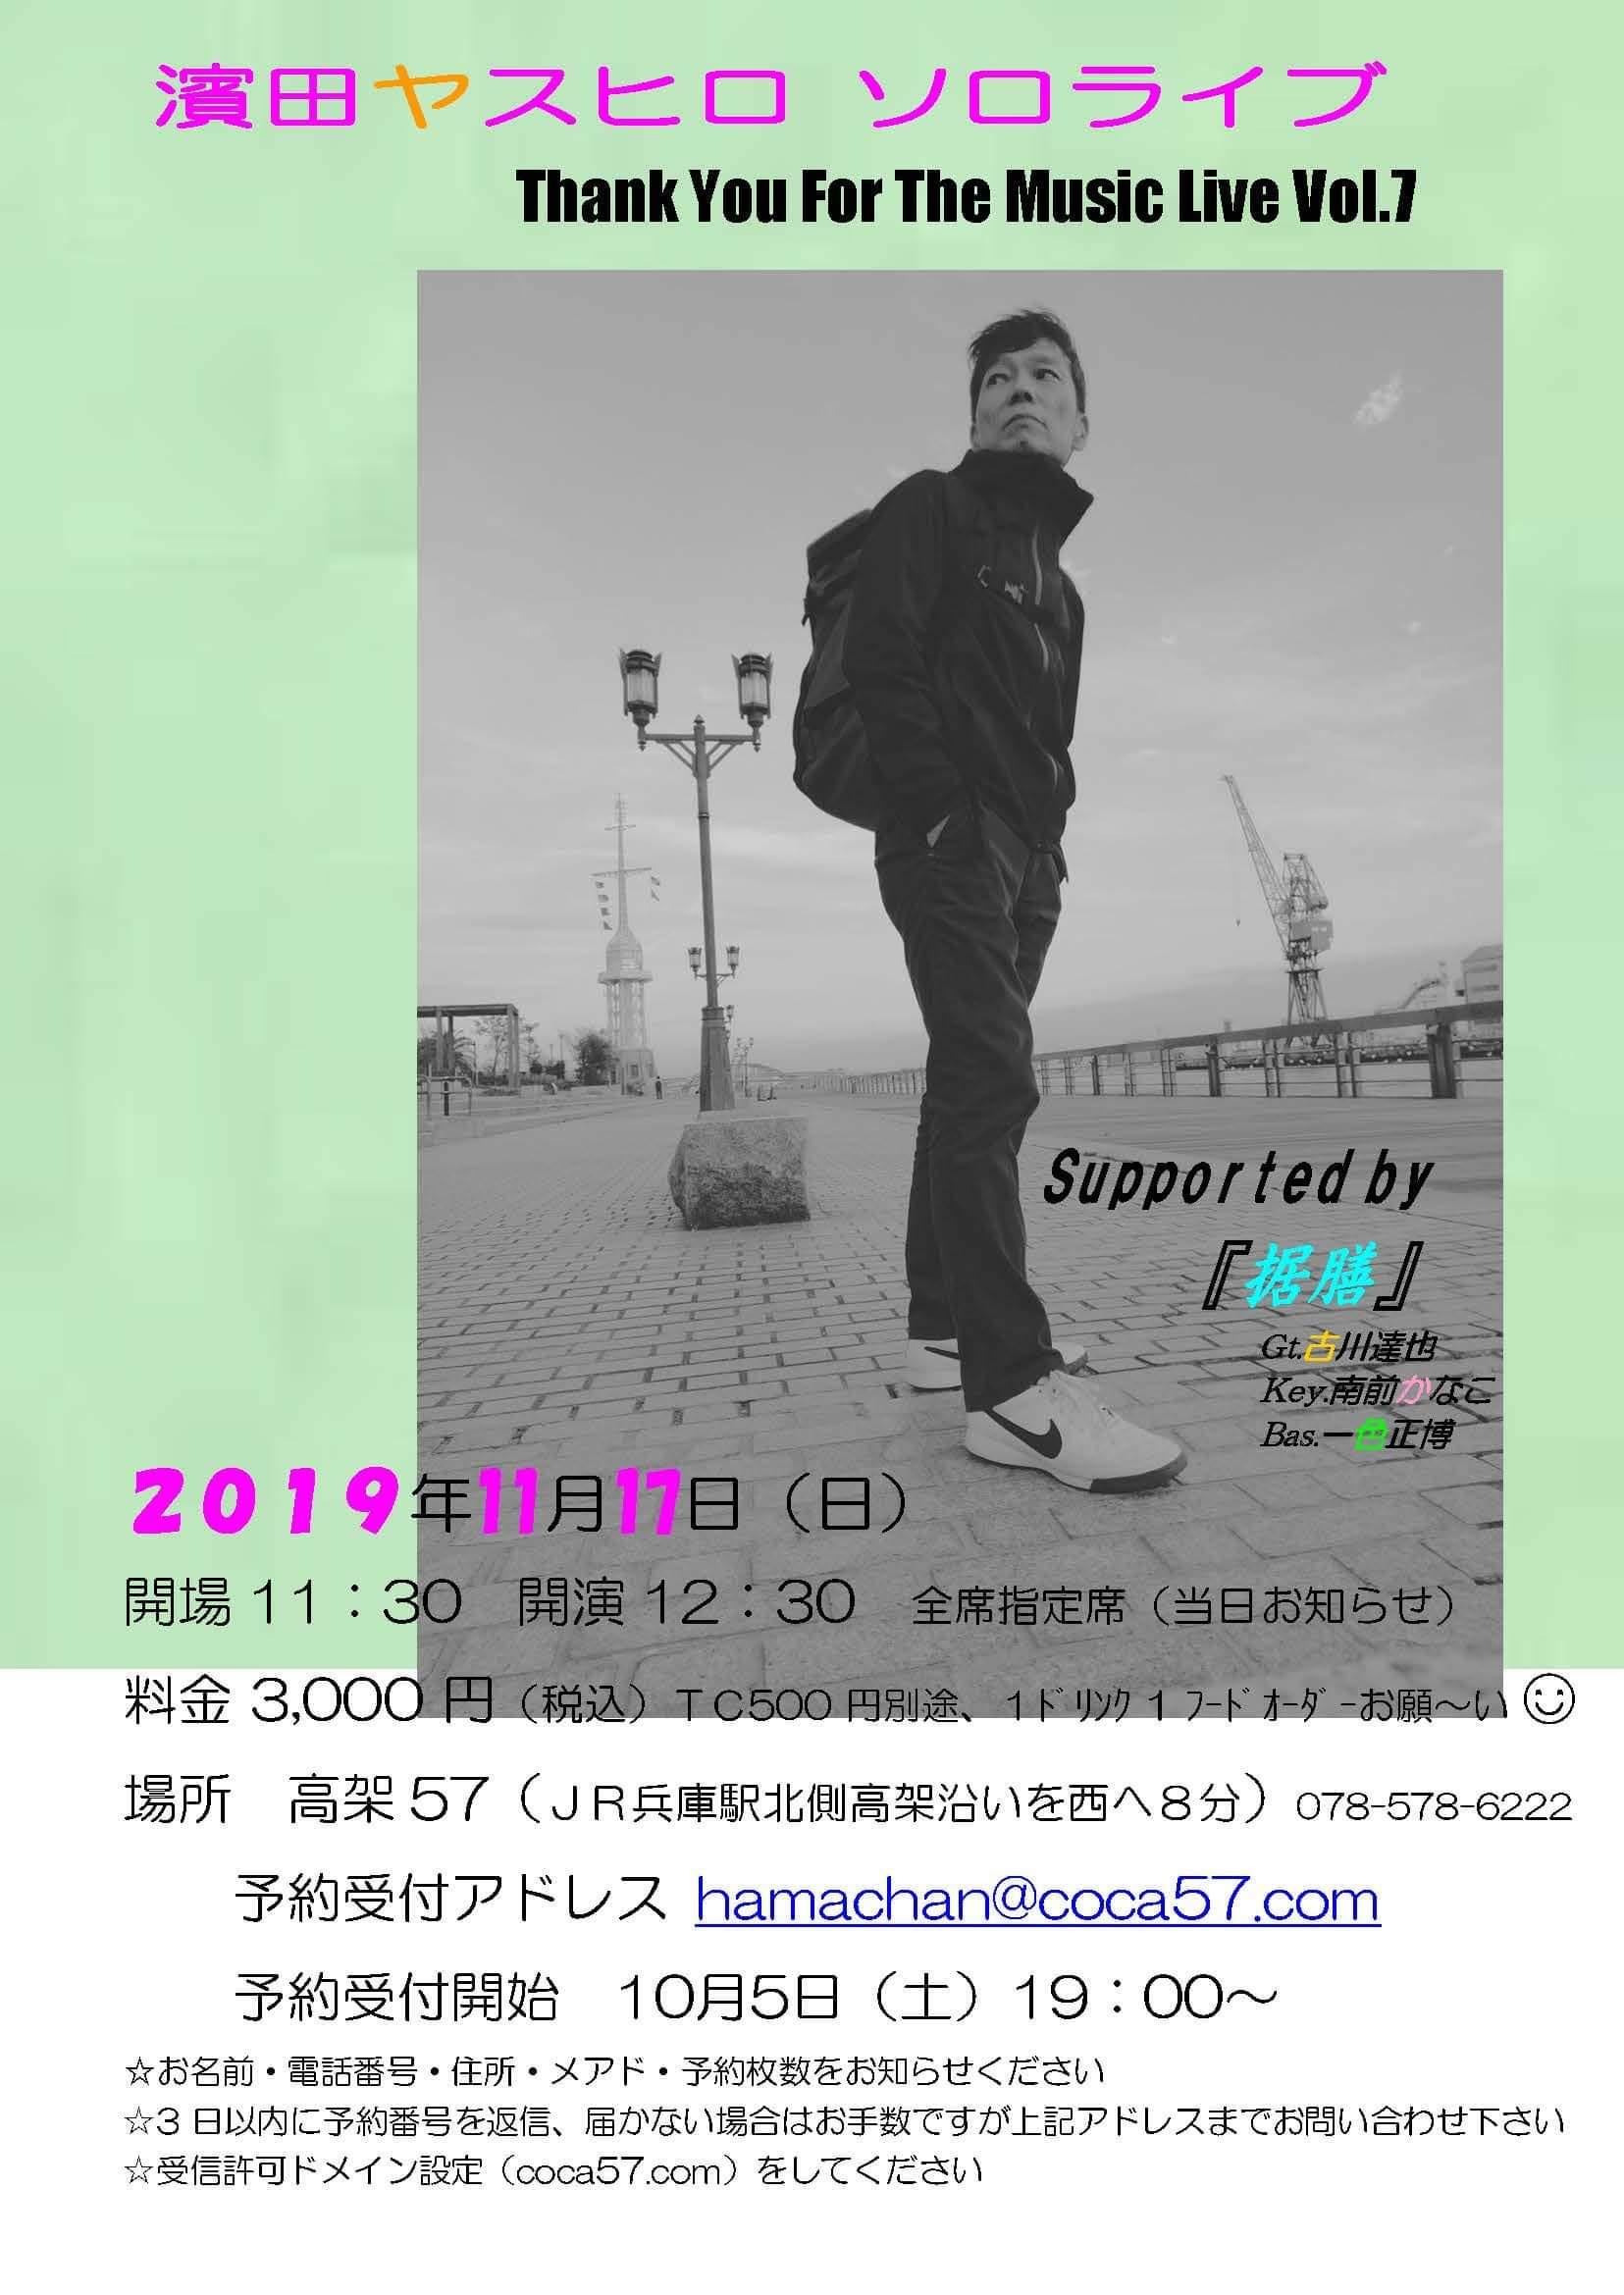 濱田ヤスヒロ ソロlive 11時30分開場